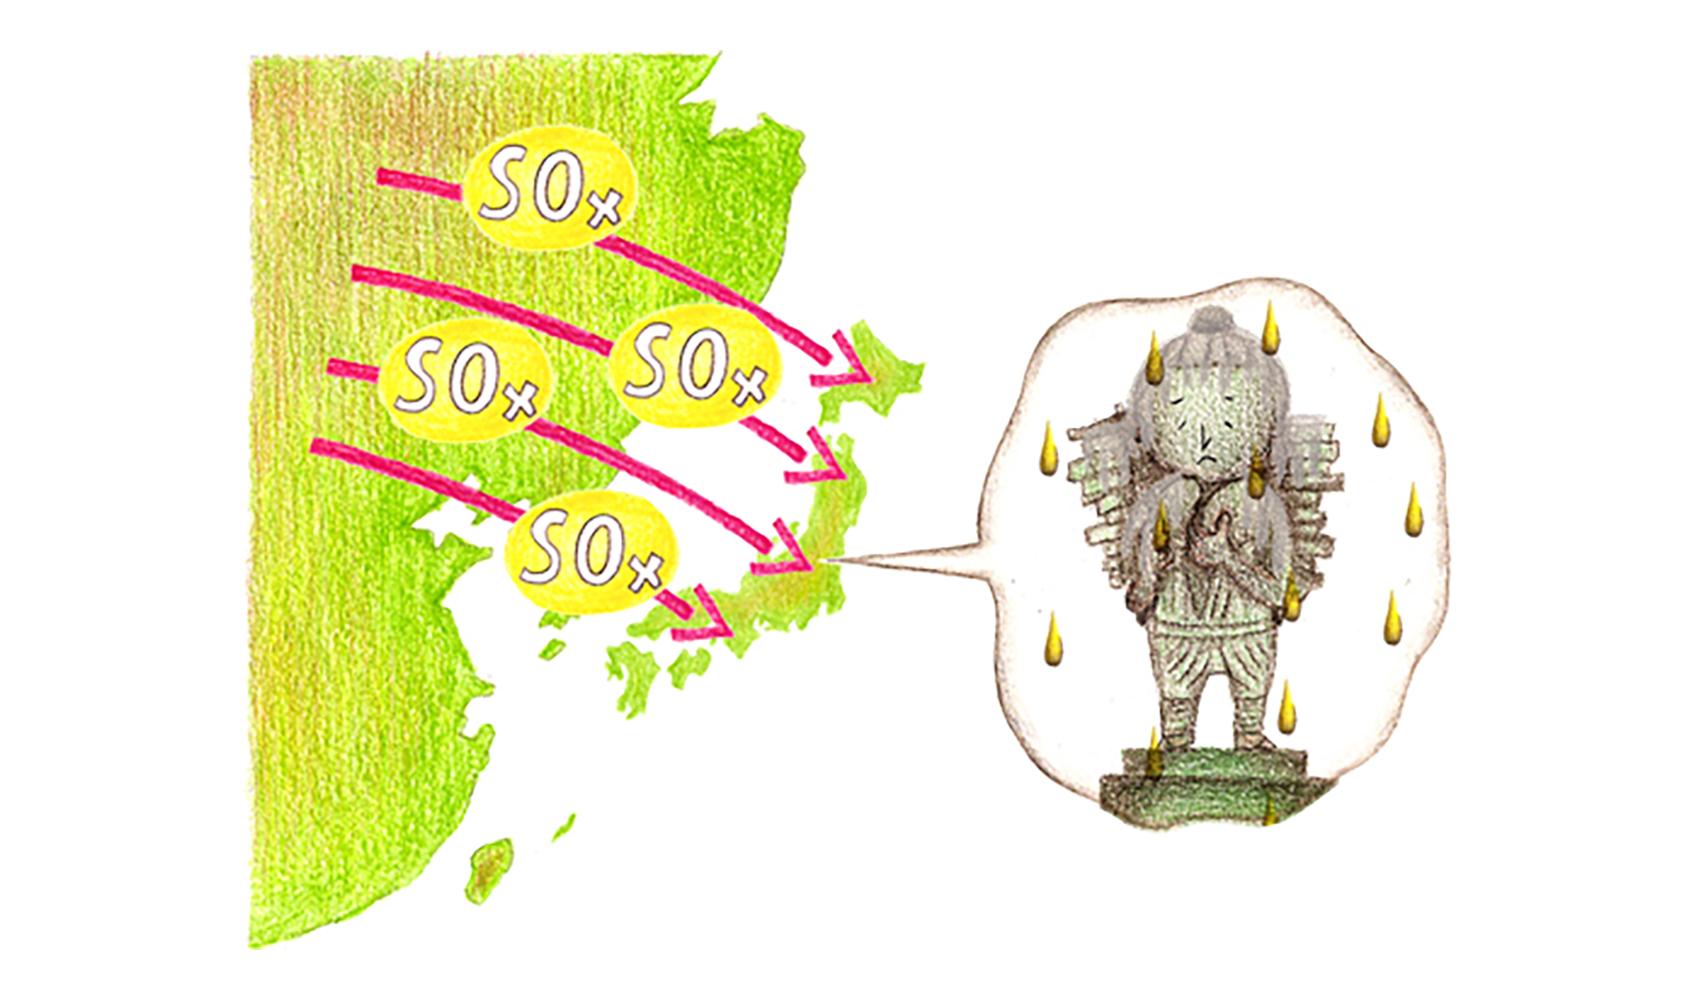 日本でも酸性雨は降っていますか?